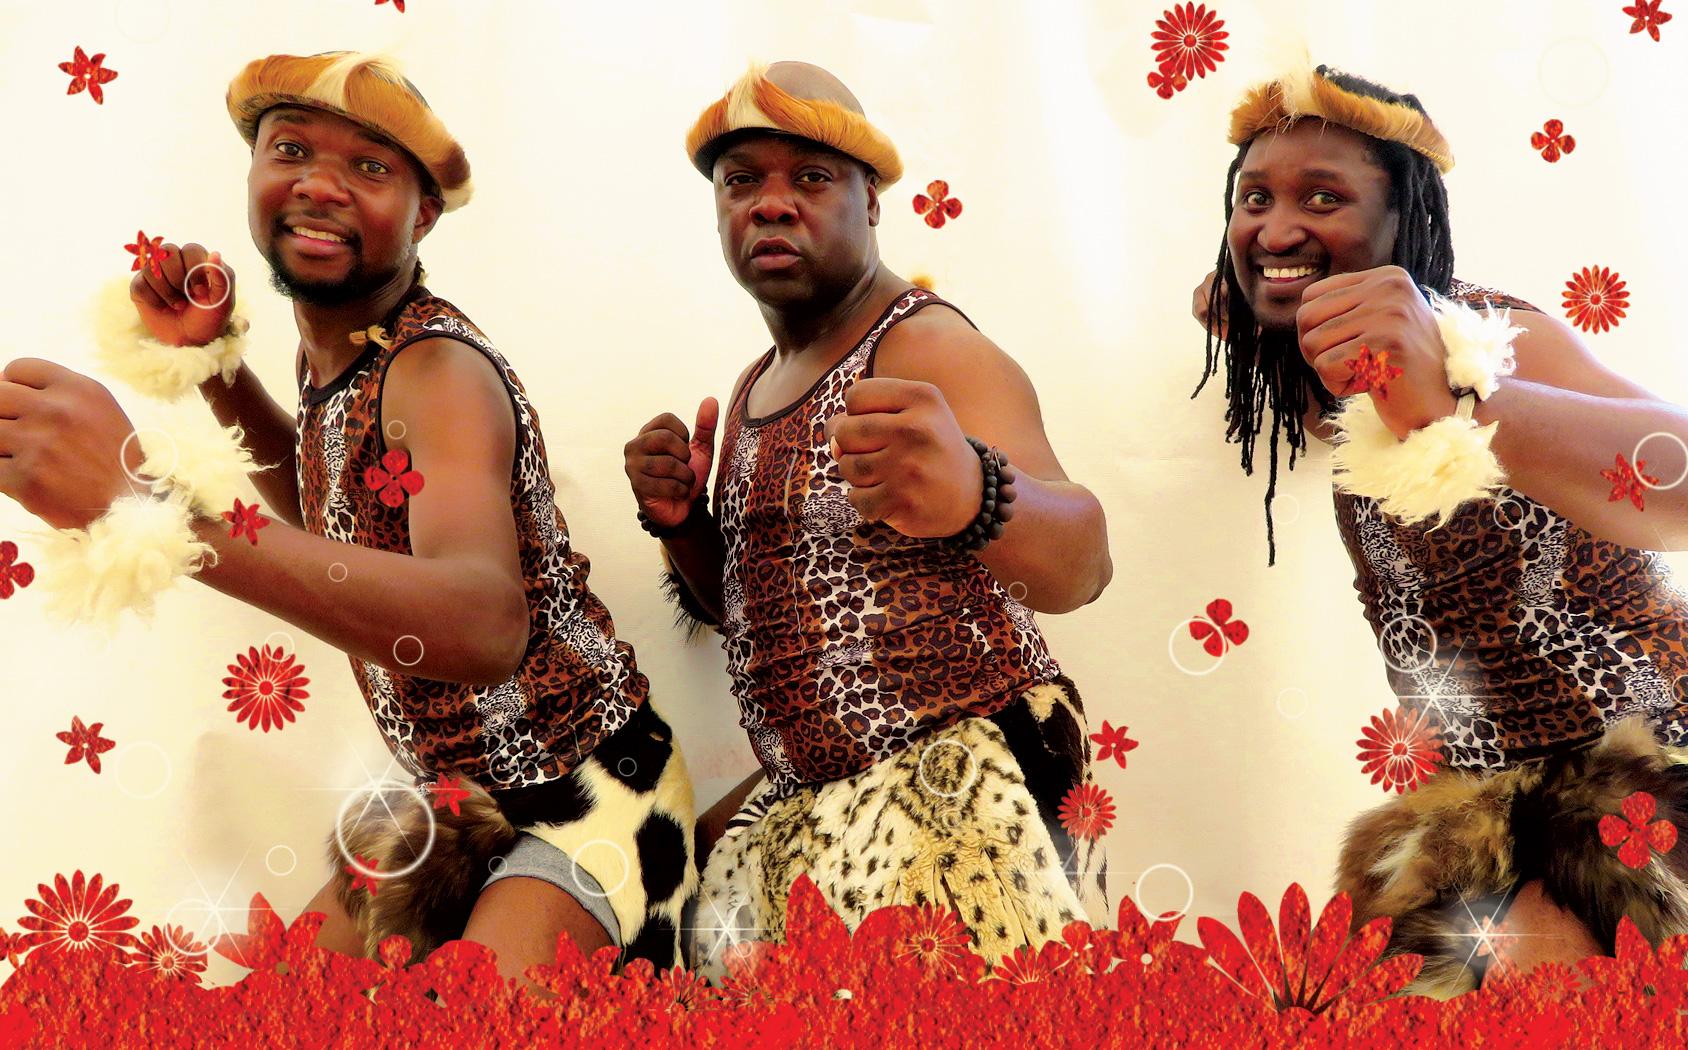 Habari Africa Virtual Festival 2021 : Izimba Arts